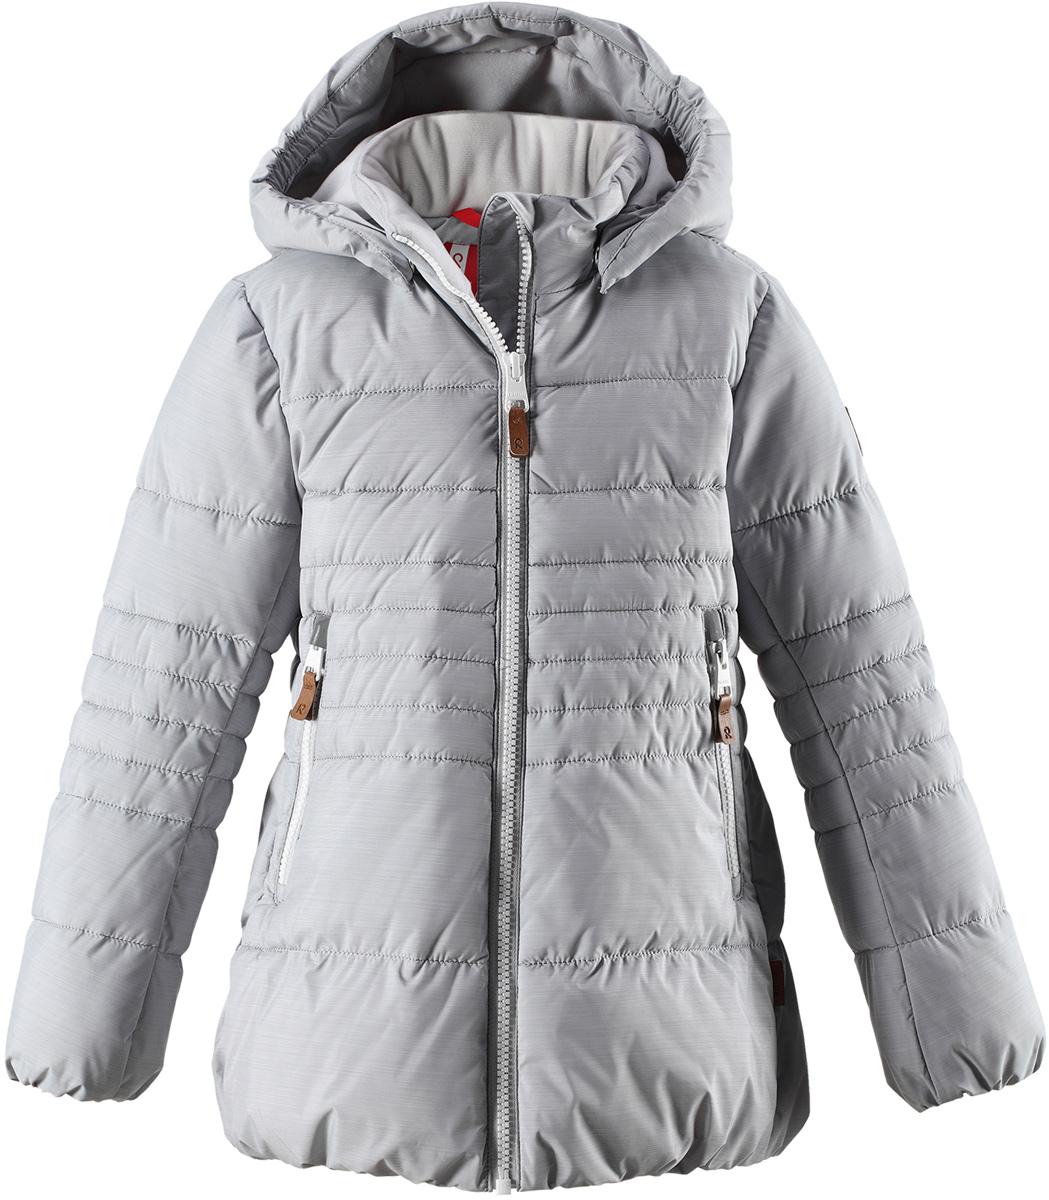 Куртка для девочки Reima Liisa, цвет: серый. 5313039140. Размер 1345313039140Детская непромокаемая зимняя куртка изготовлена из водо- и ветронепроницаемого, дышащего материала с грязеотталкивающими свойствами. Благодаря гладкой подкладке из полиэстера, куртку легко надевать и удобно носить даже с дополнительным теплым промежуточным слоем. Эта модель для девочек снабжена эластичным подолом и манжетами. Съемный и регулируемый капюшон защищает от пронизывающего ветра и дождя, а еще он безопасен во время игр на свежем воздухе. В куртке предусмотрены два кармана на молнии и светоотражающие детали.Средняя степень утепления.